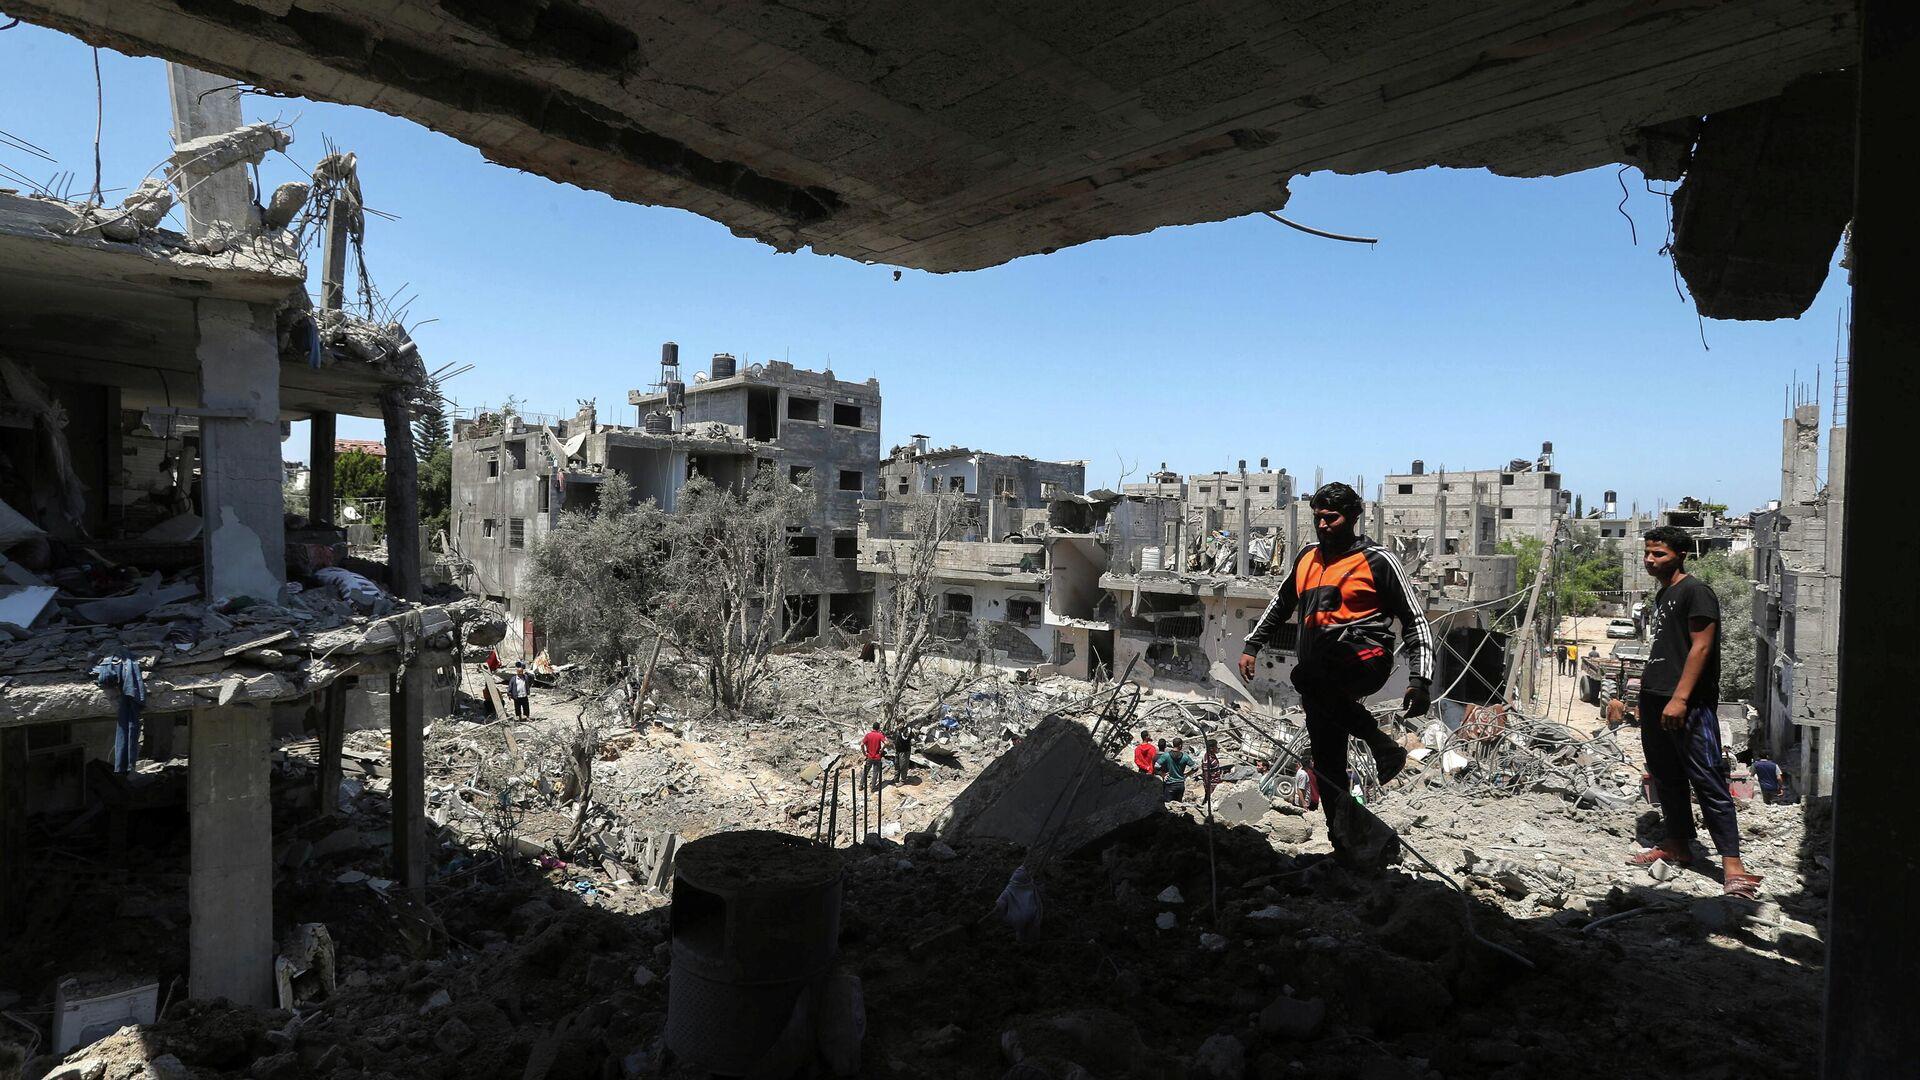 Situación en Gaza - Sputnik Mundo, 1920, 14.05.2021